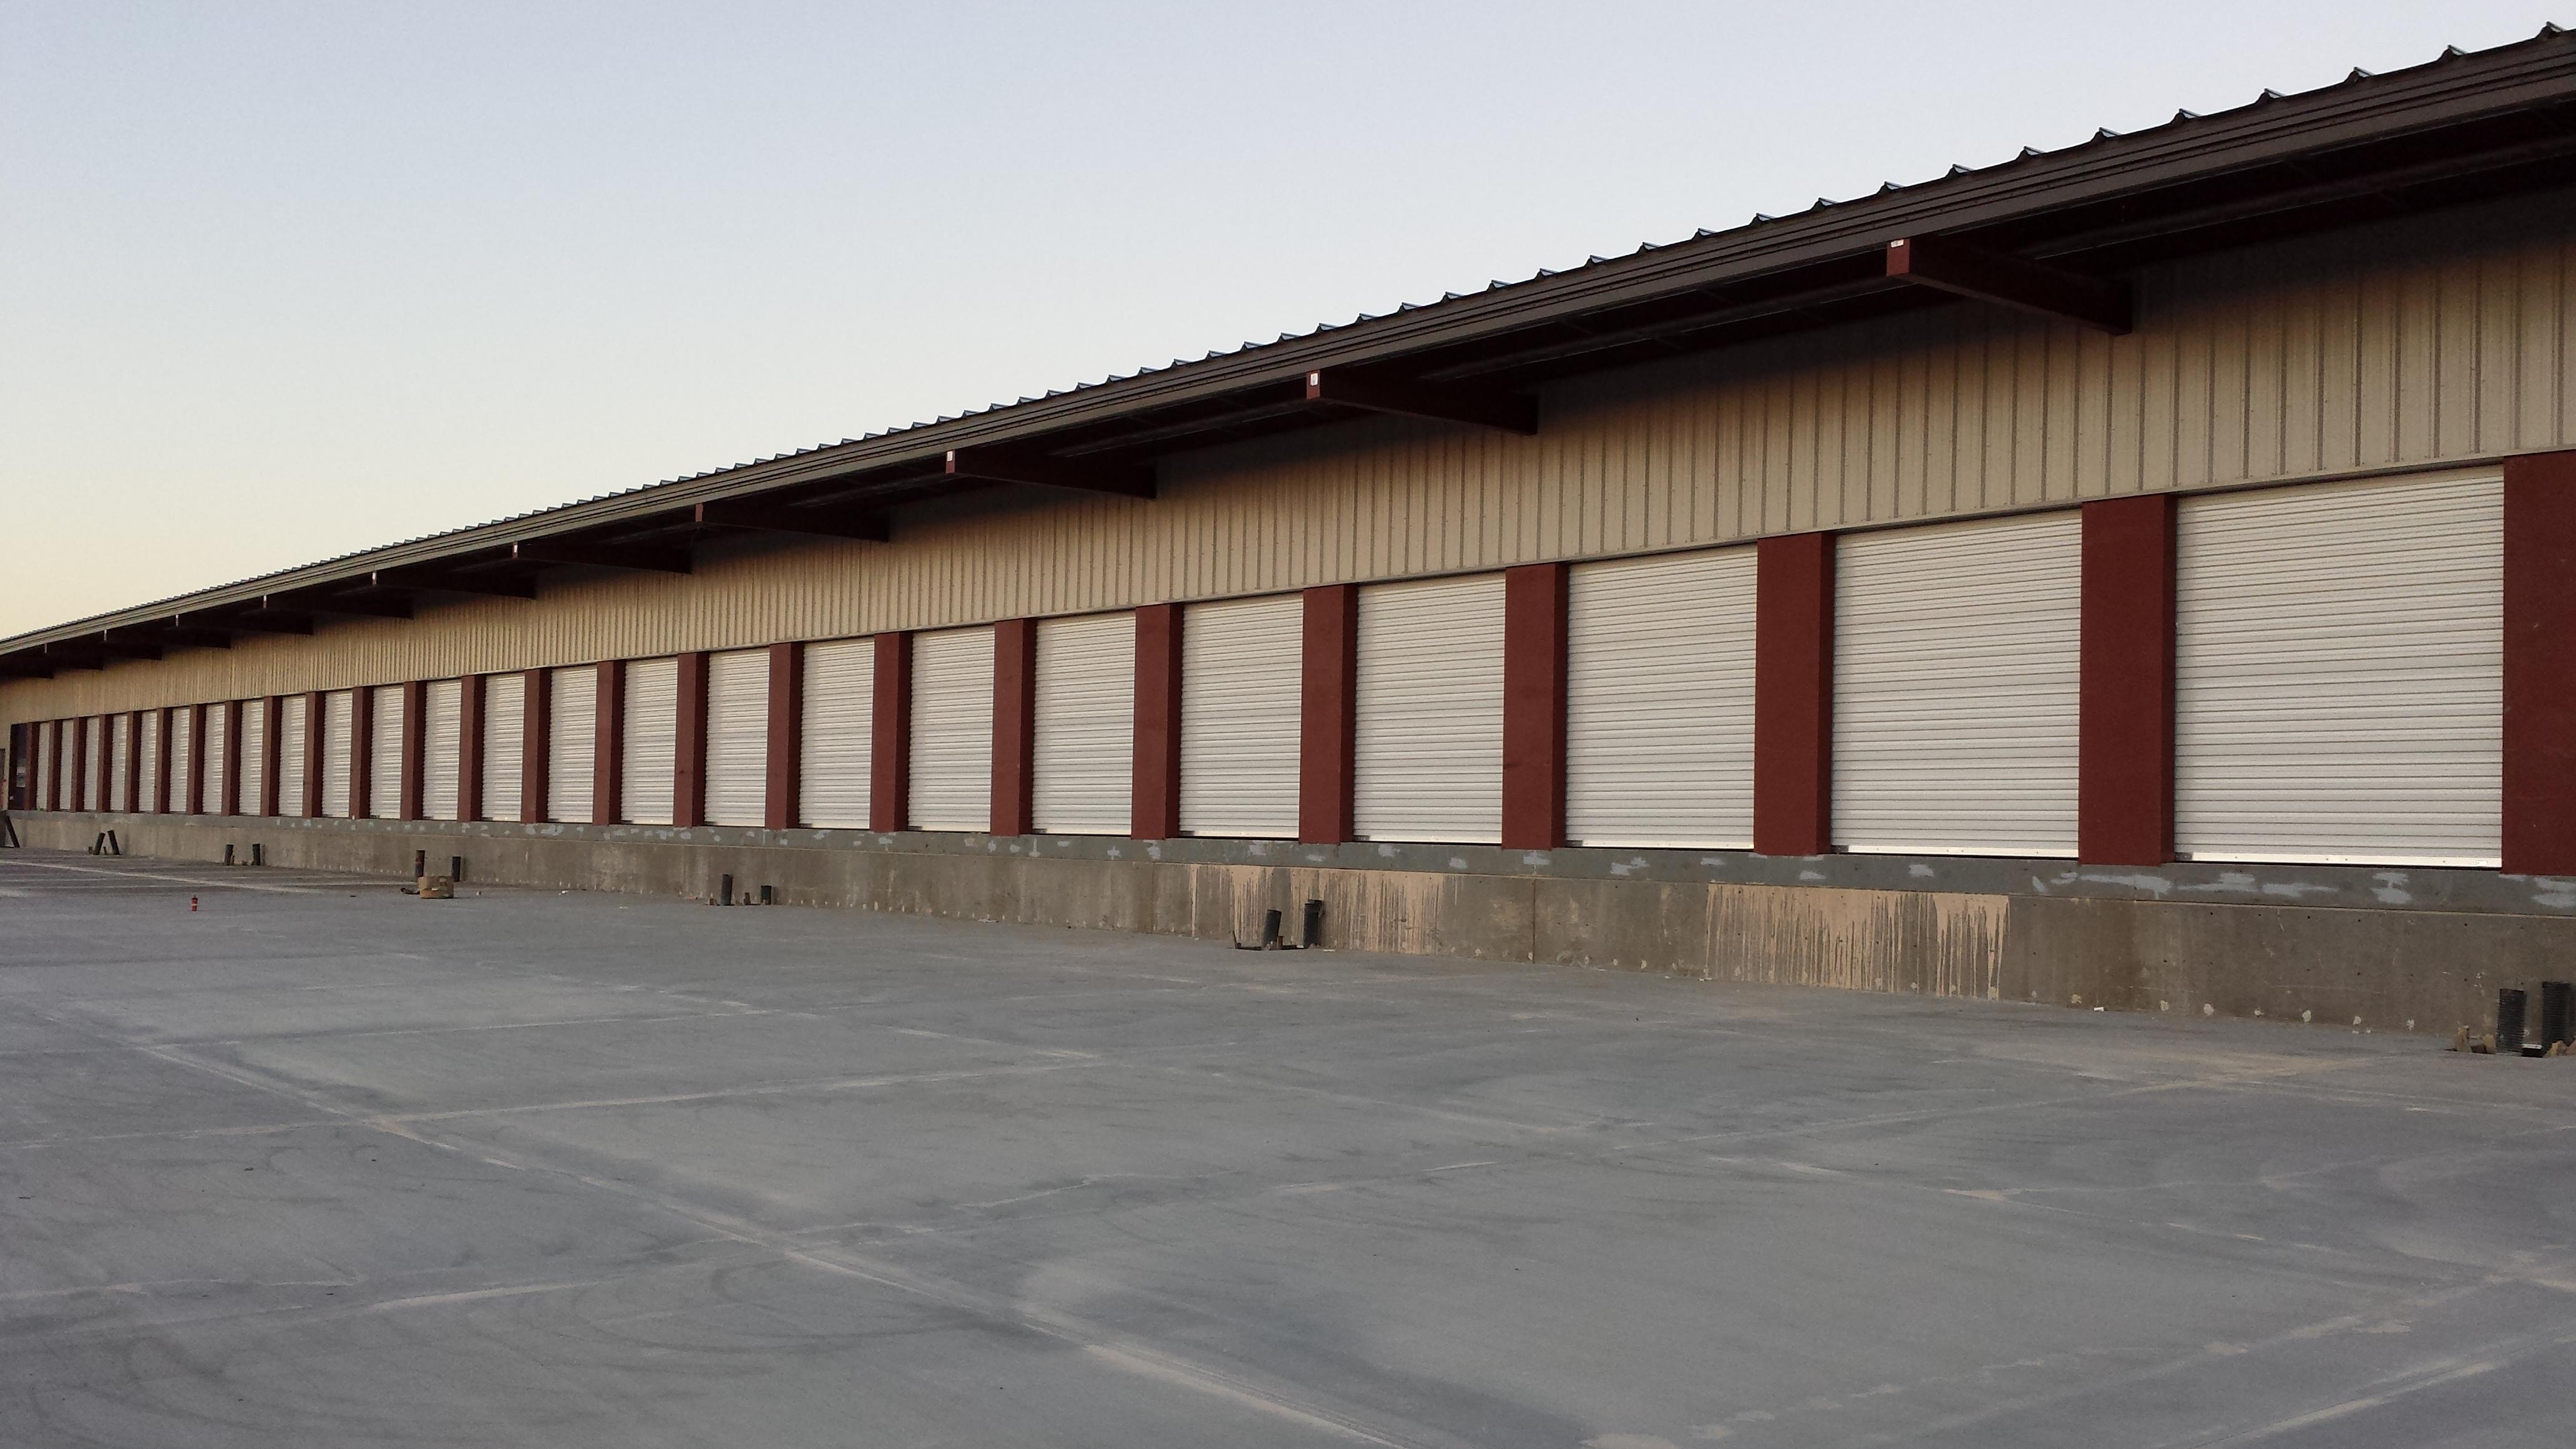 Rolling steel door on building -  Rolling Steel Texas Overhead Door